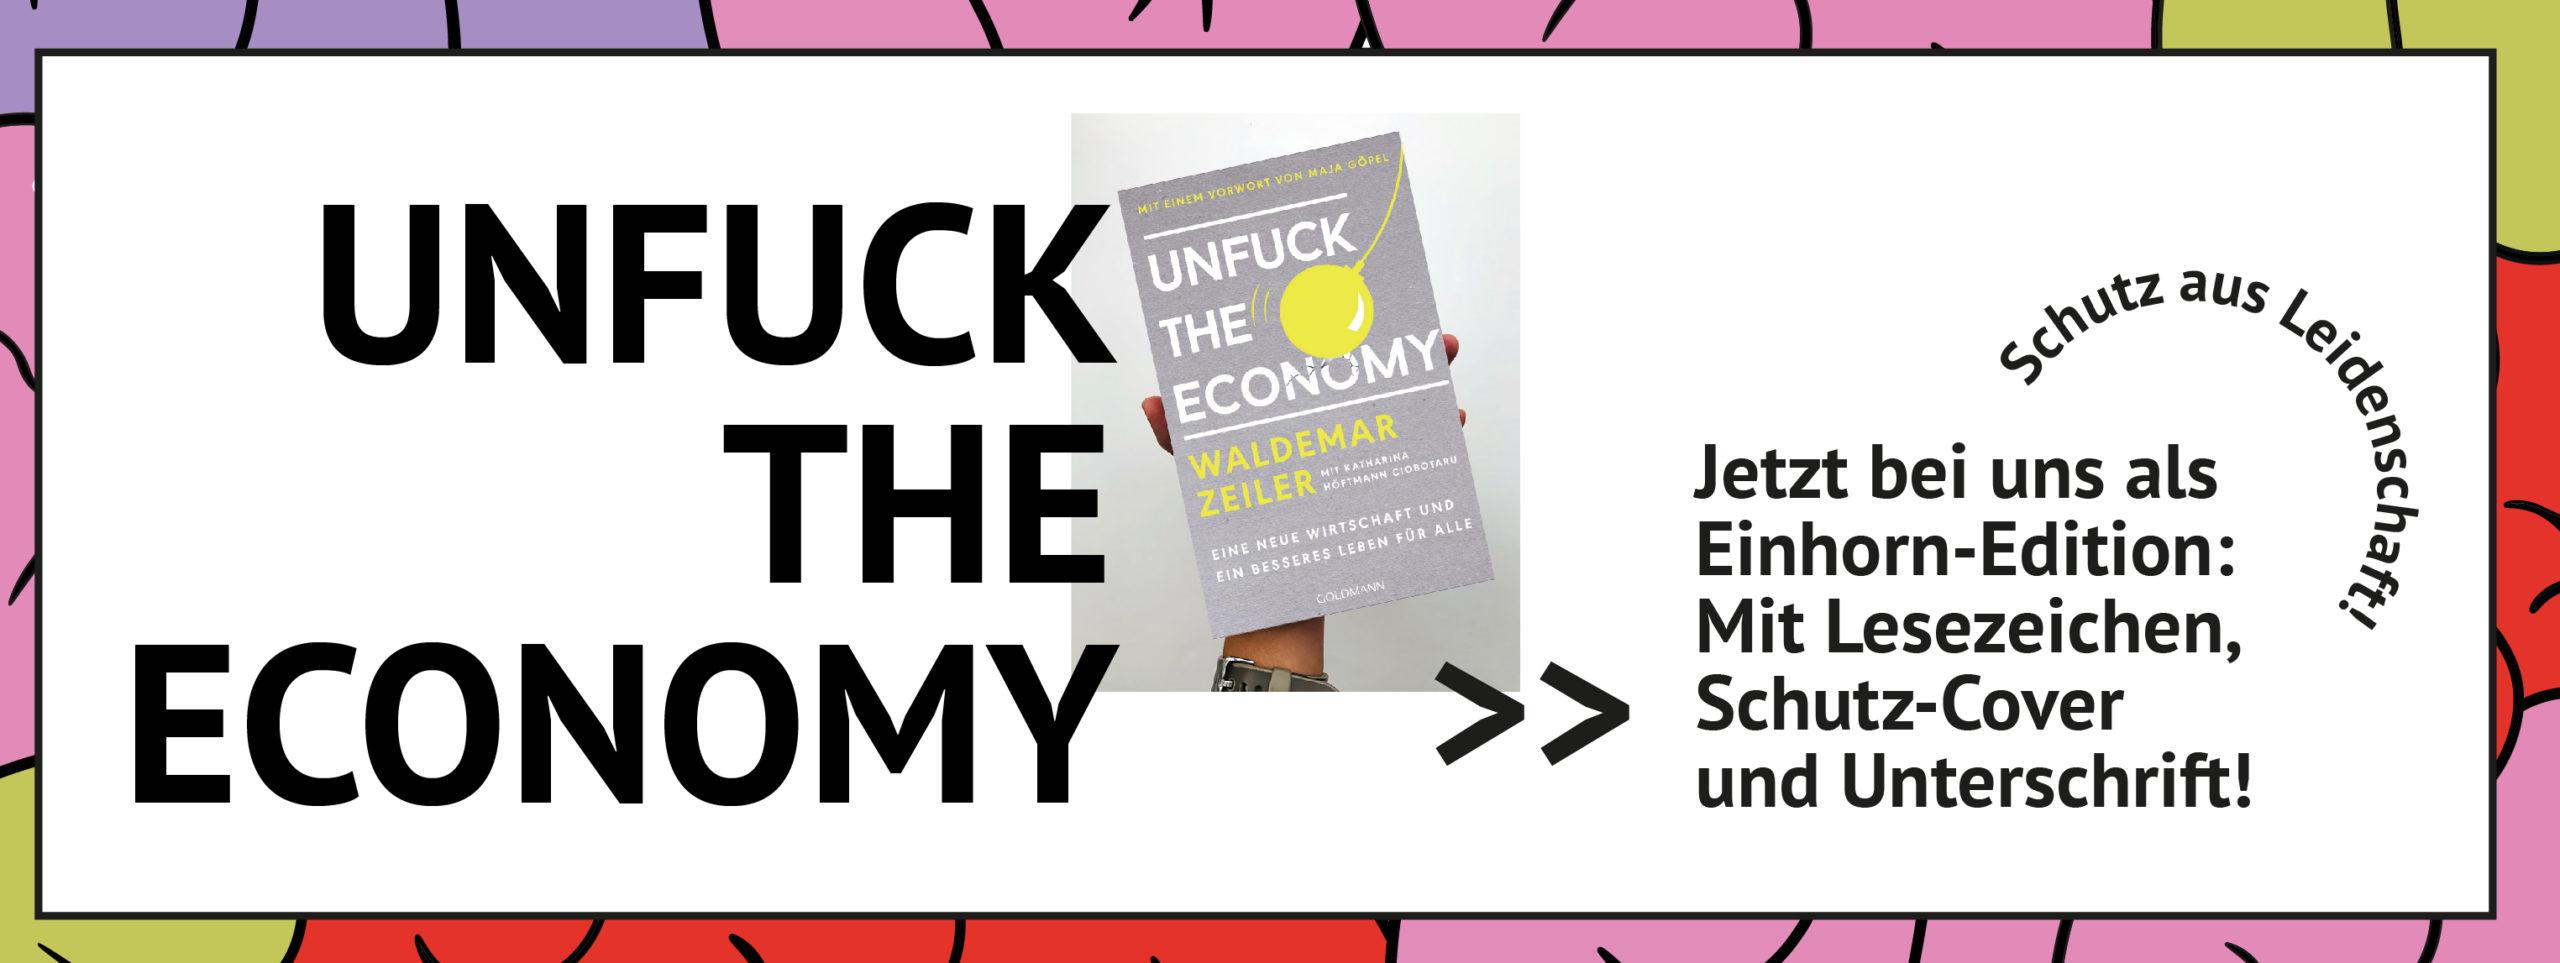 Hoch gehaltenes Buch Unfuck the Economy